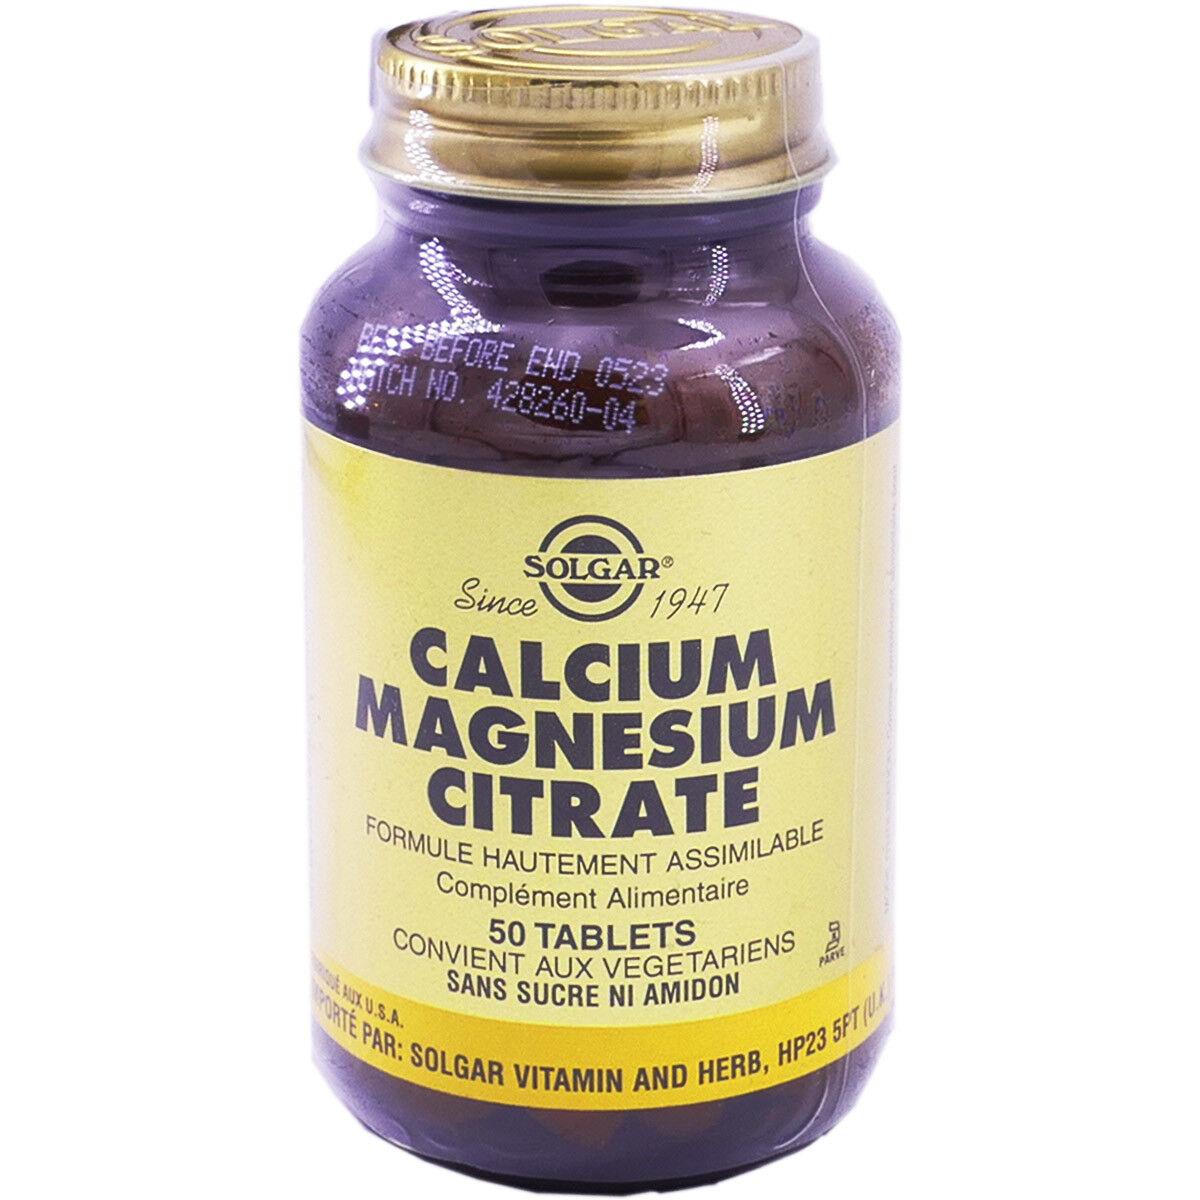 Solgar calcium magnesium citrate 50 tablets